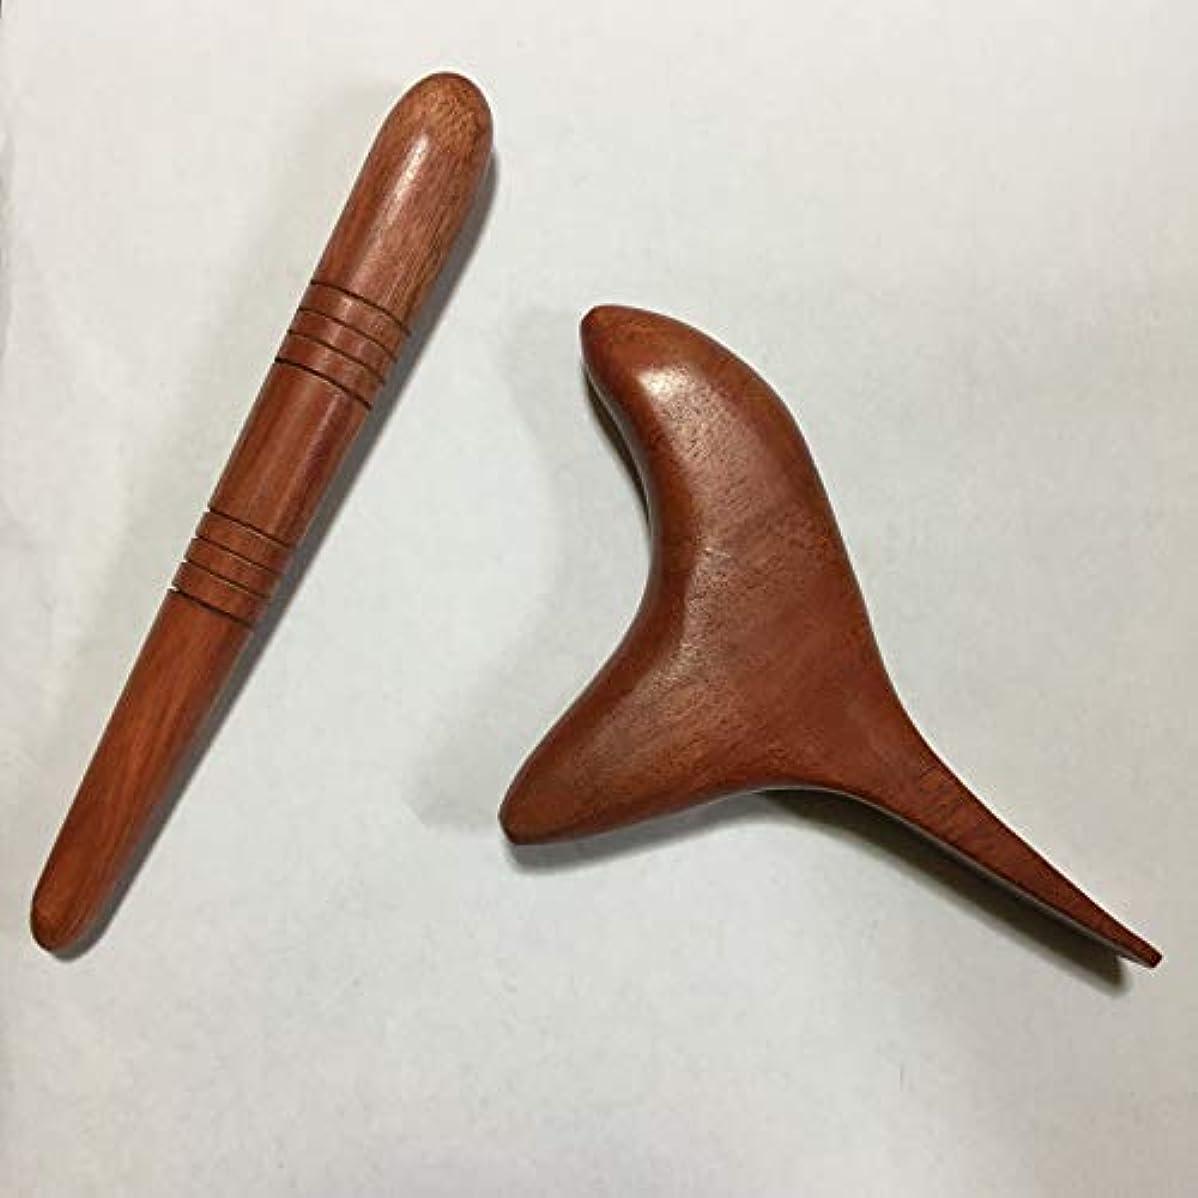 呼吸する調和のとれた適合しました天然木 オカリナ型 (鳥型)ツボ押し棒 + 棒型 2点セット マッサージ棒 フットマッサージ リフレクソロジー セルフマッサージ (1)